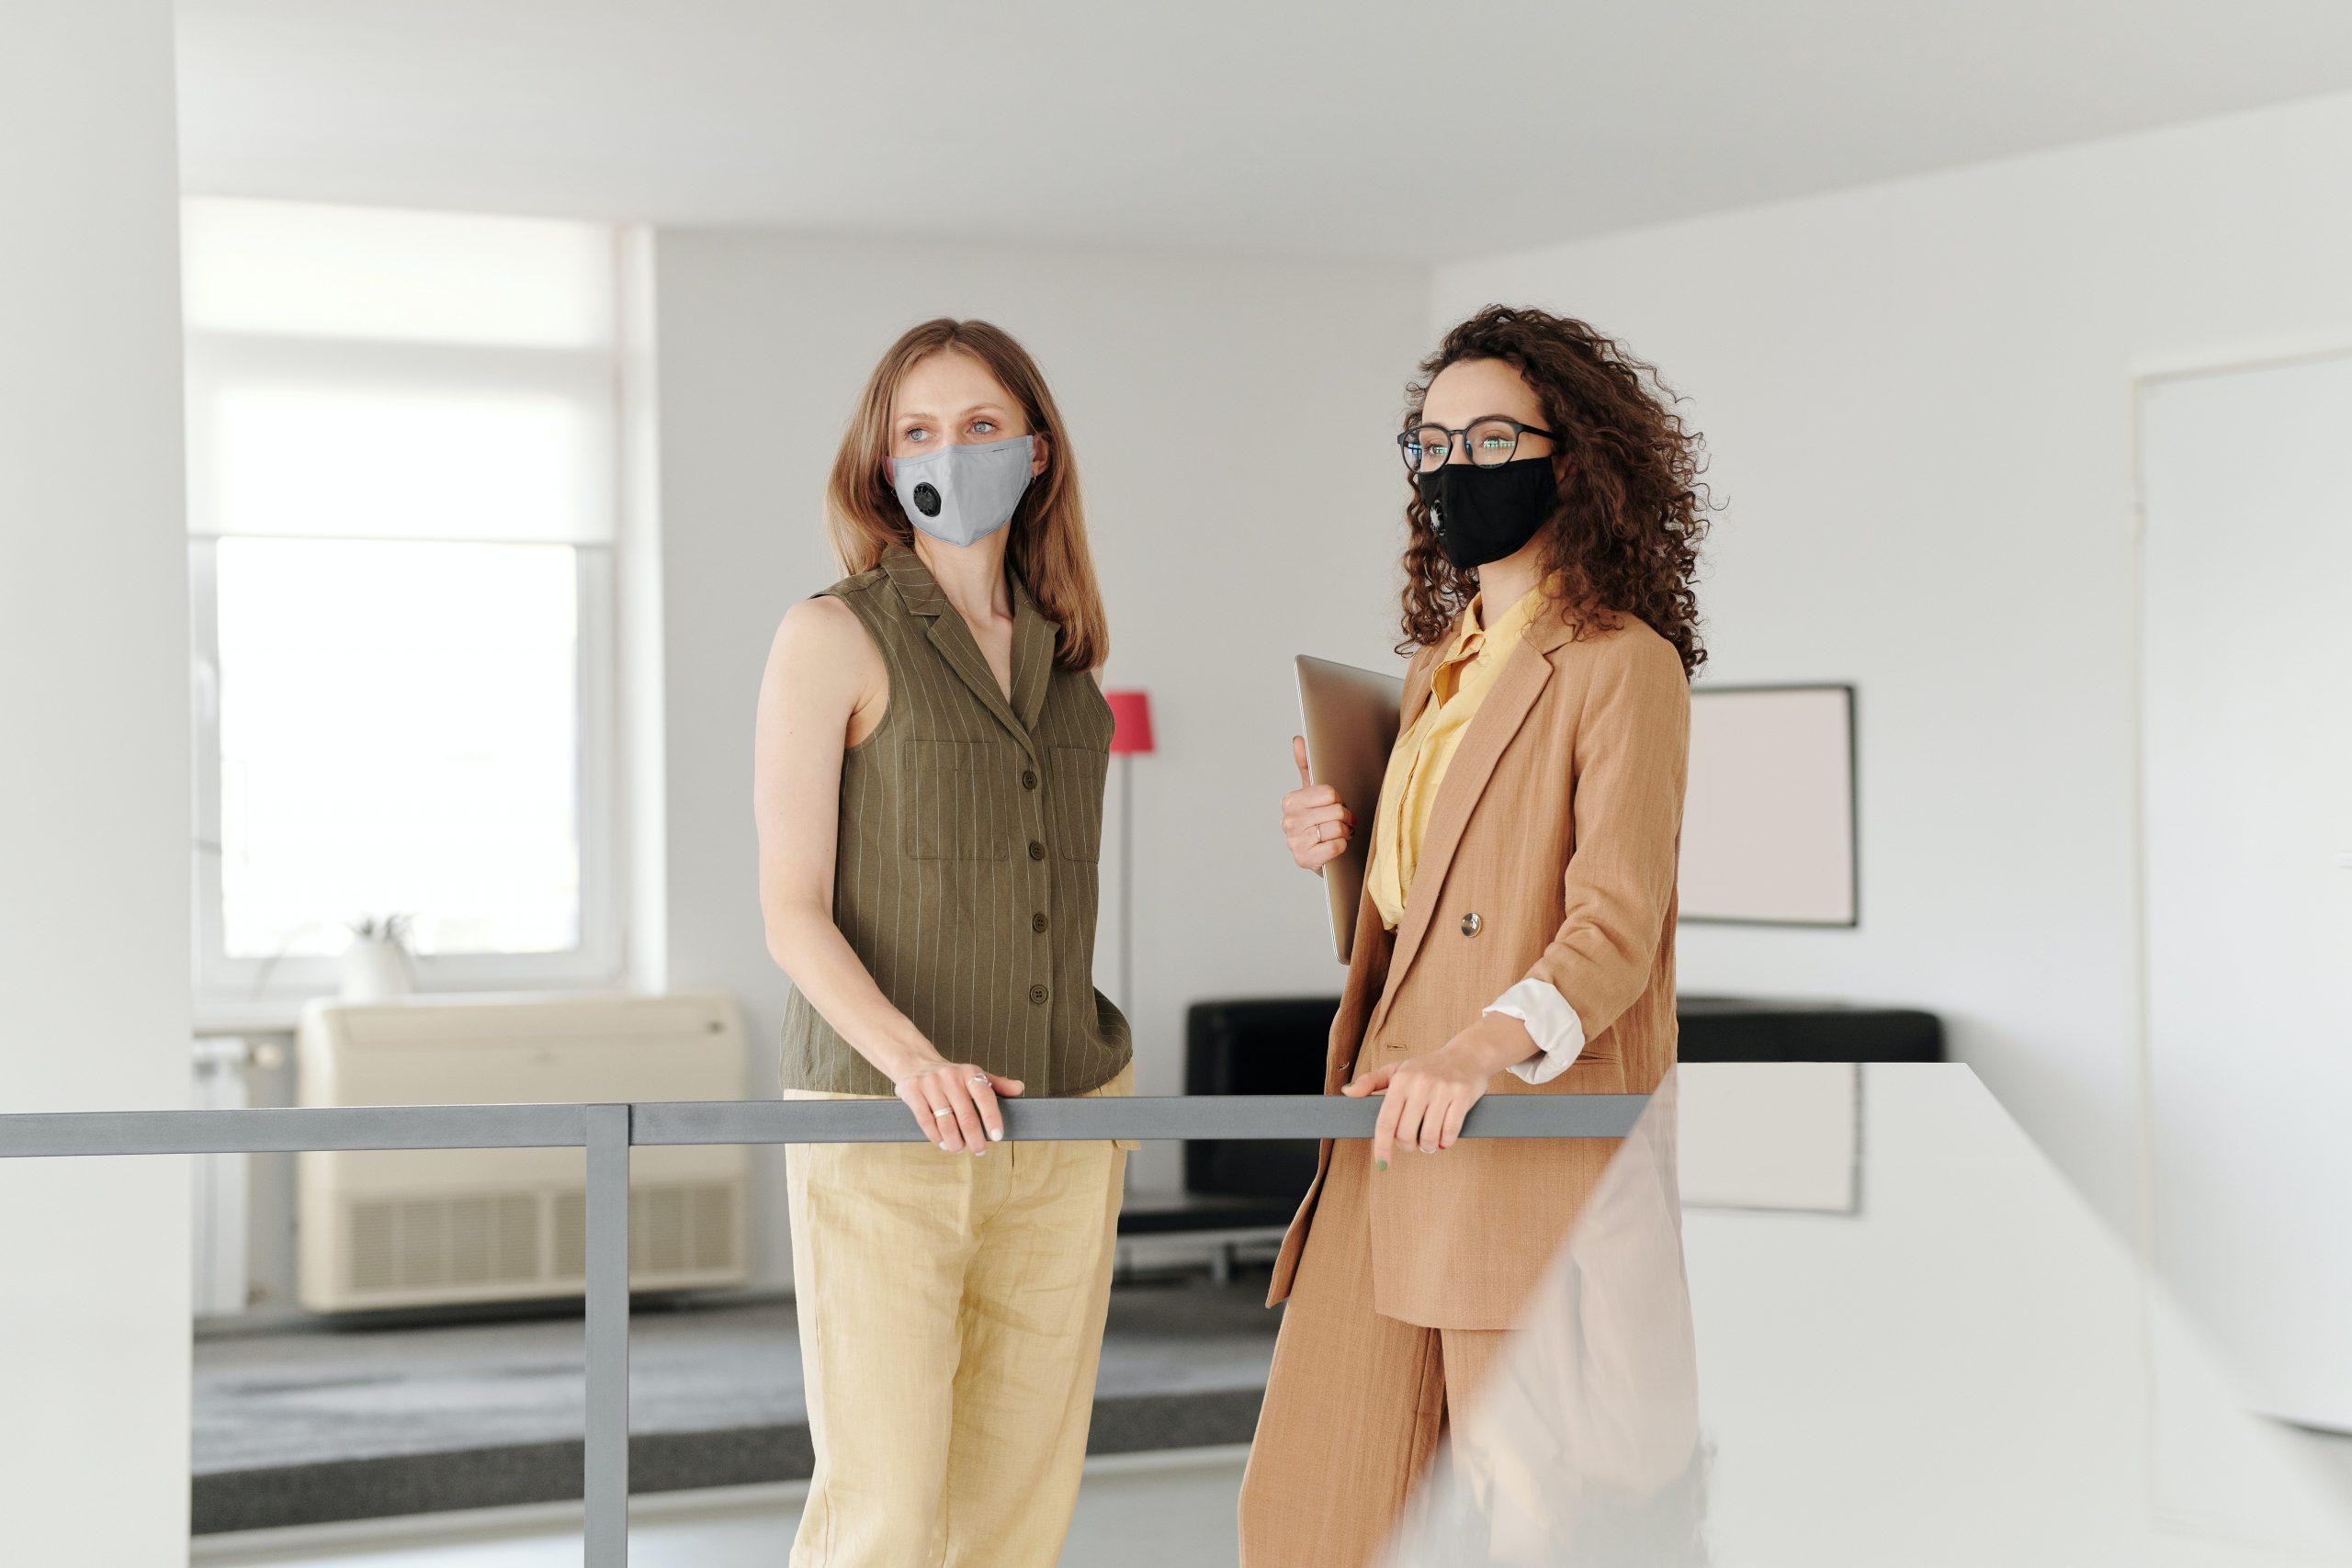 Prefectul Capitalei: Companiile pot decide dacă angajații vaccinați să renunțe la mască în birouri